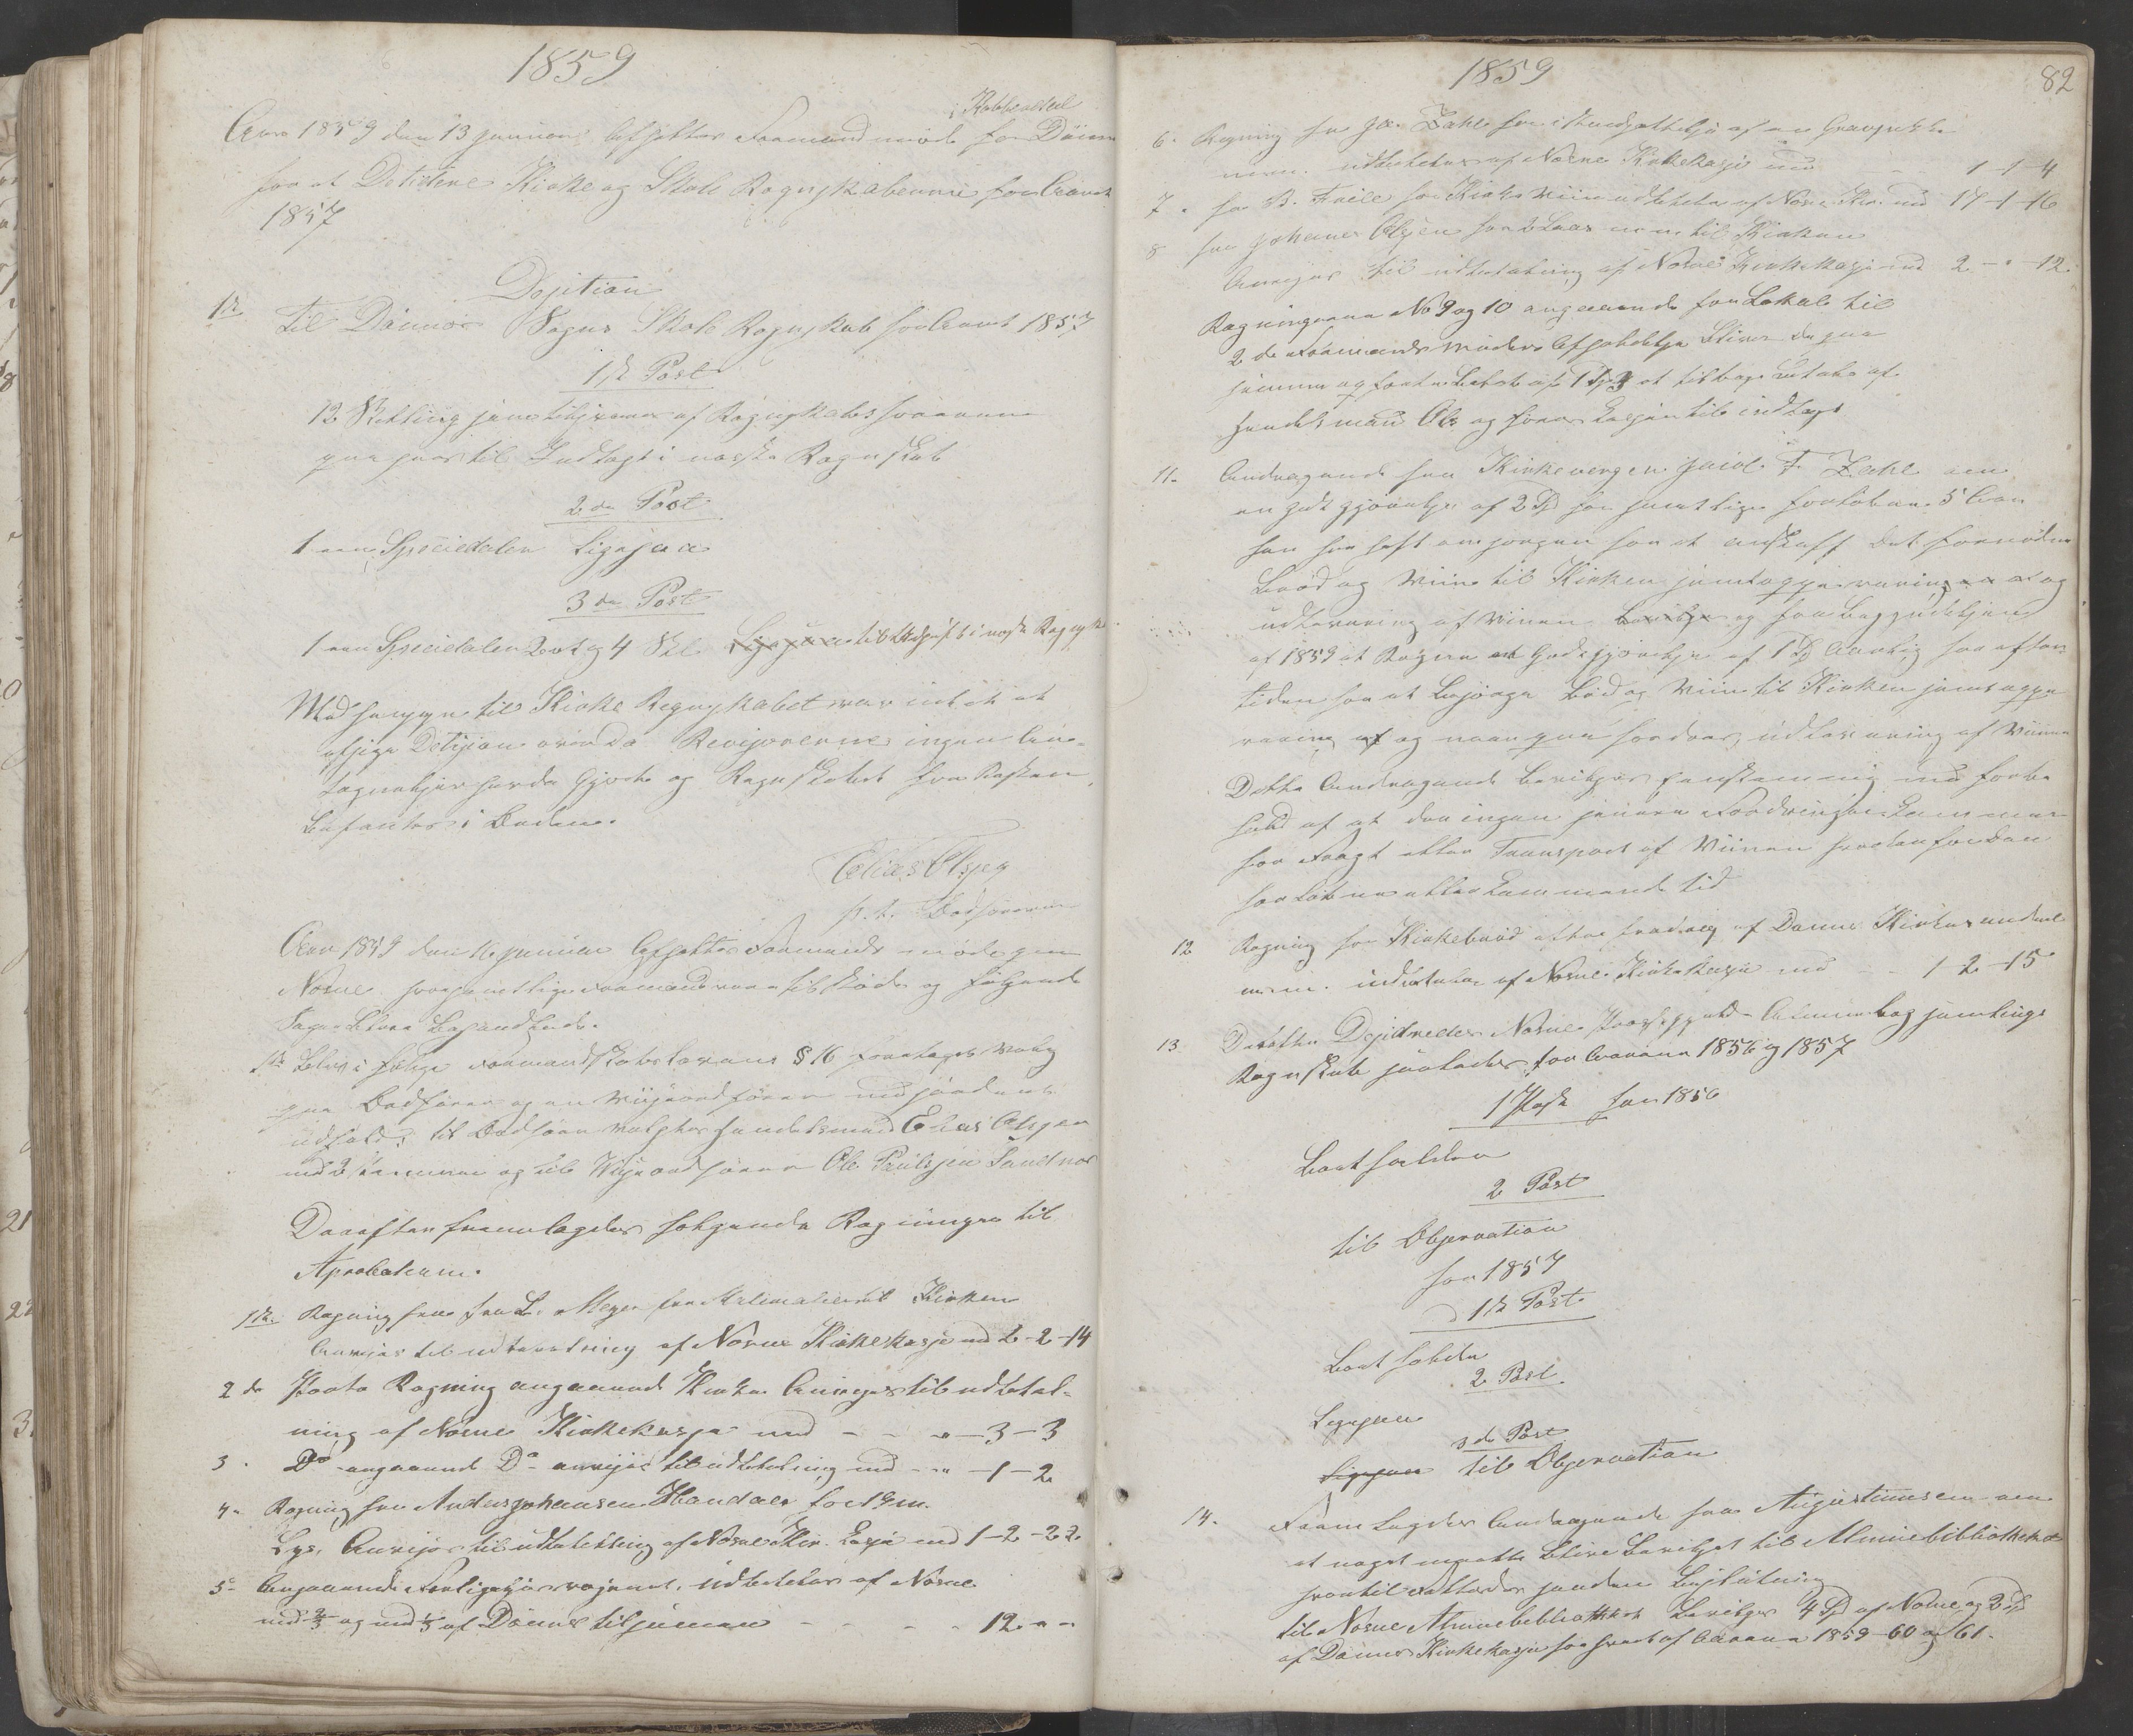 AIN, Nesna kommune. Formannskapet, 100/L0001: Møtebok, 1838-1873, s. 82